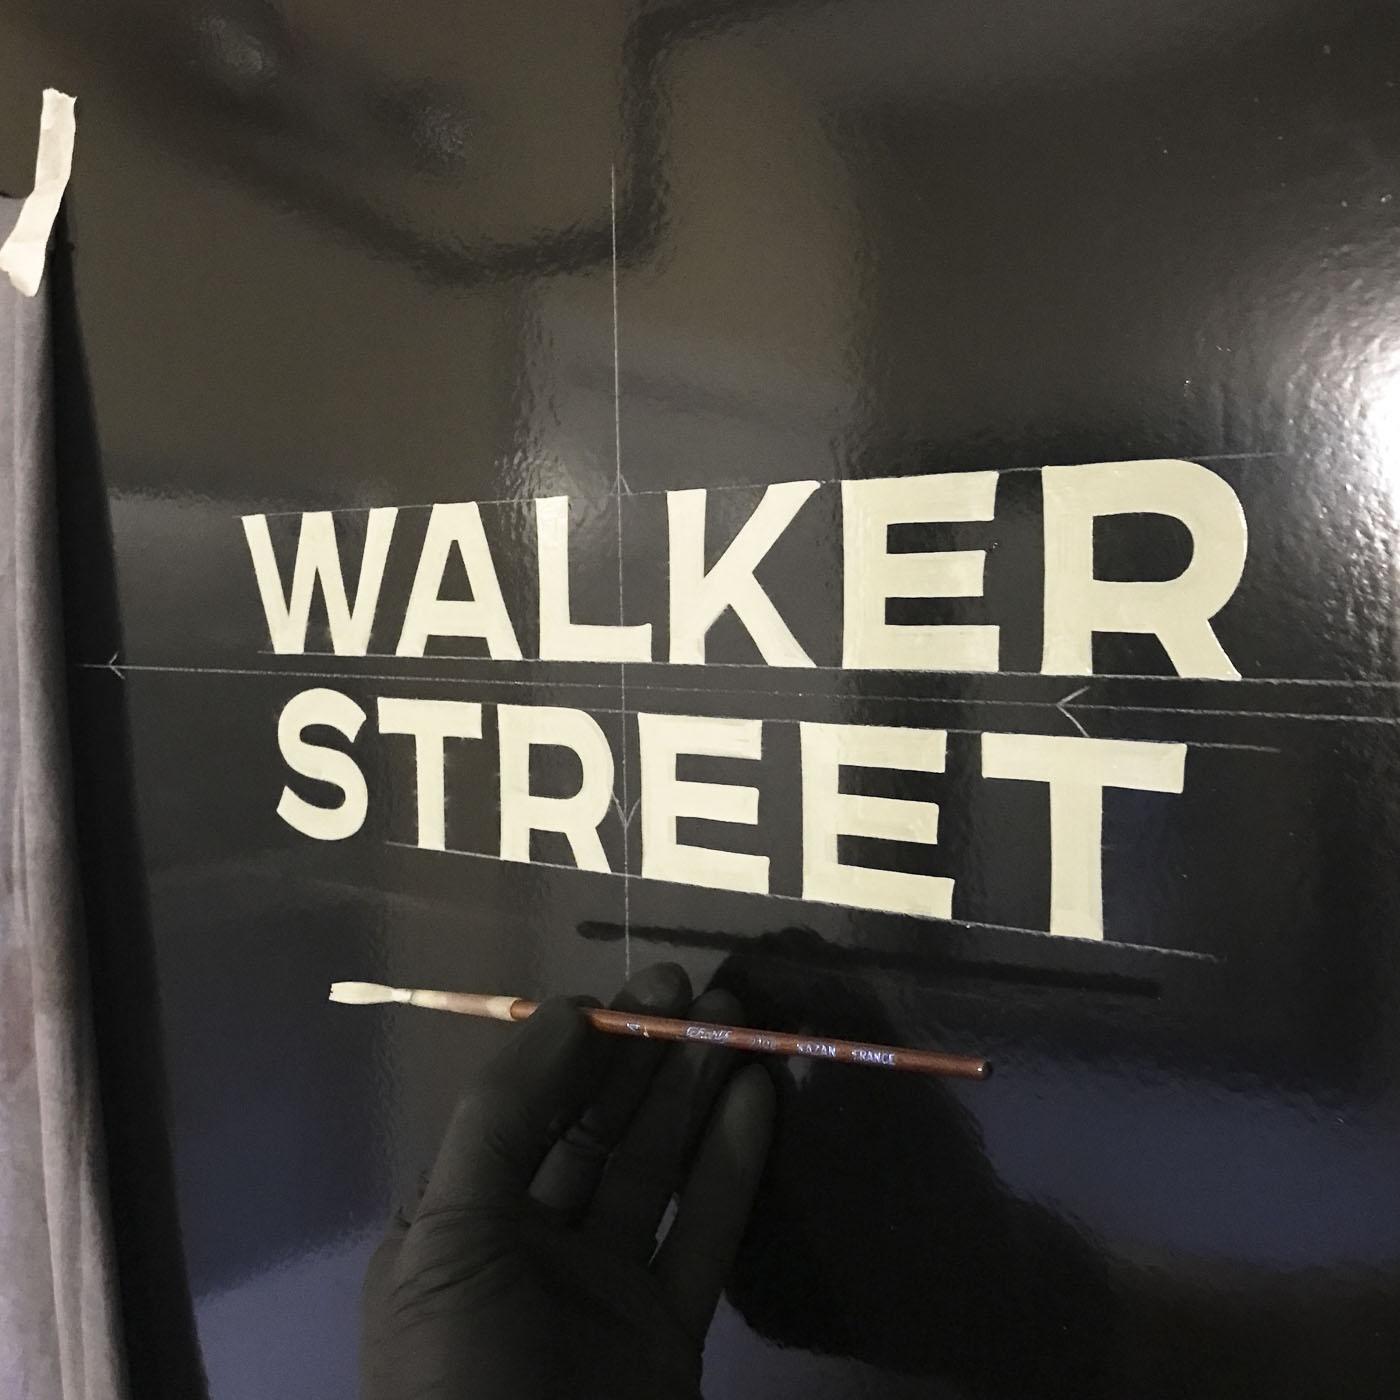 Walker Street block lettering